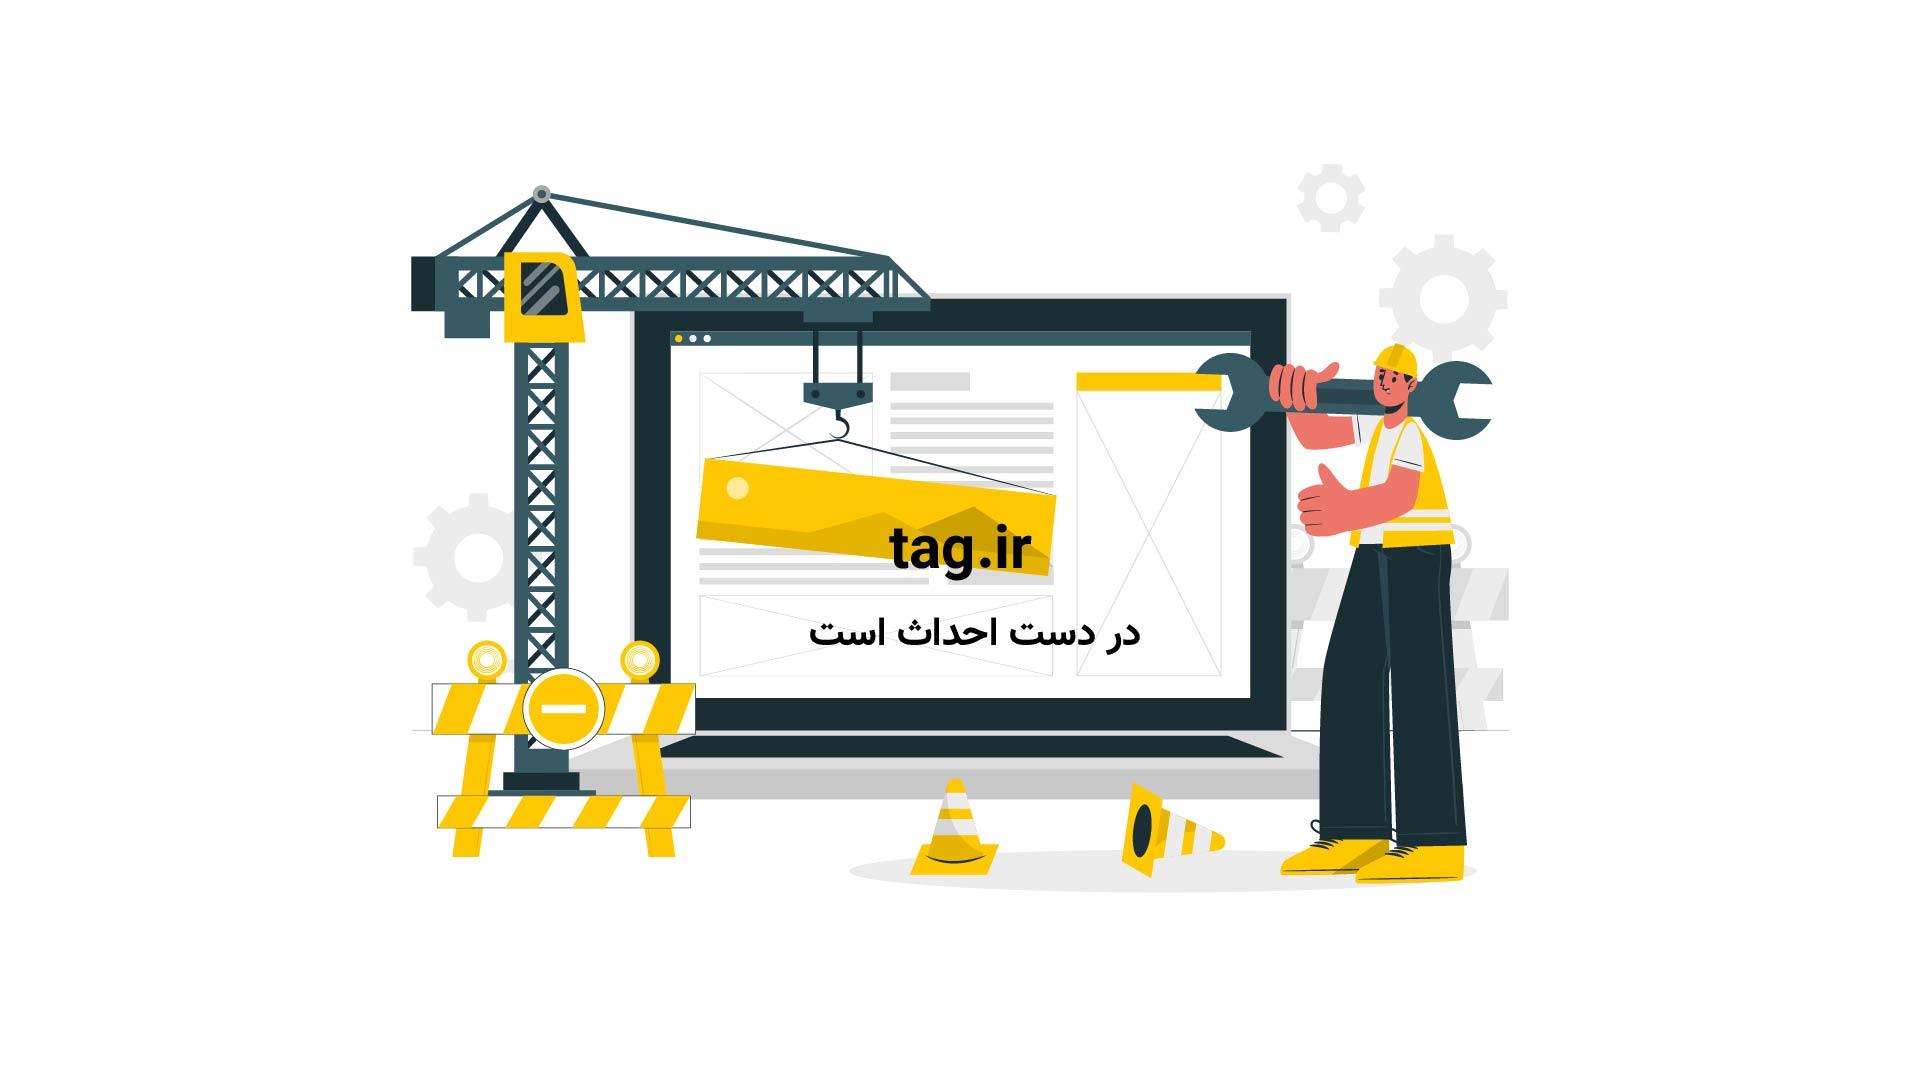 صحبت های دکتر روحانی در جلسه هیات دولت | فیلم